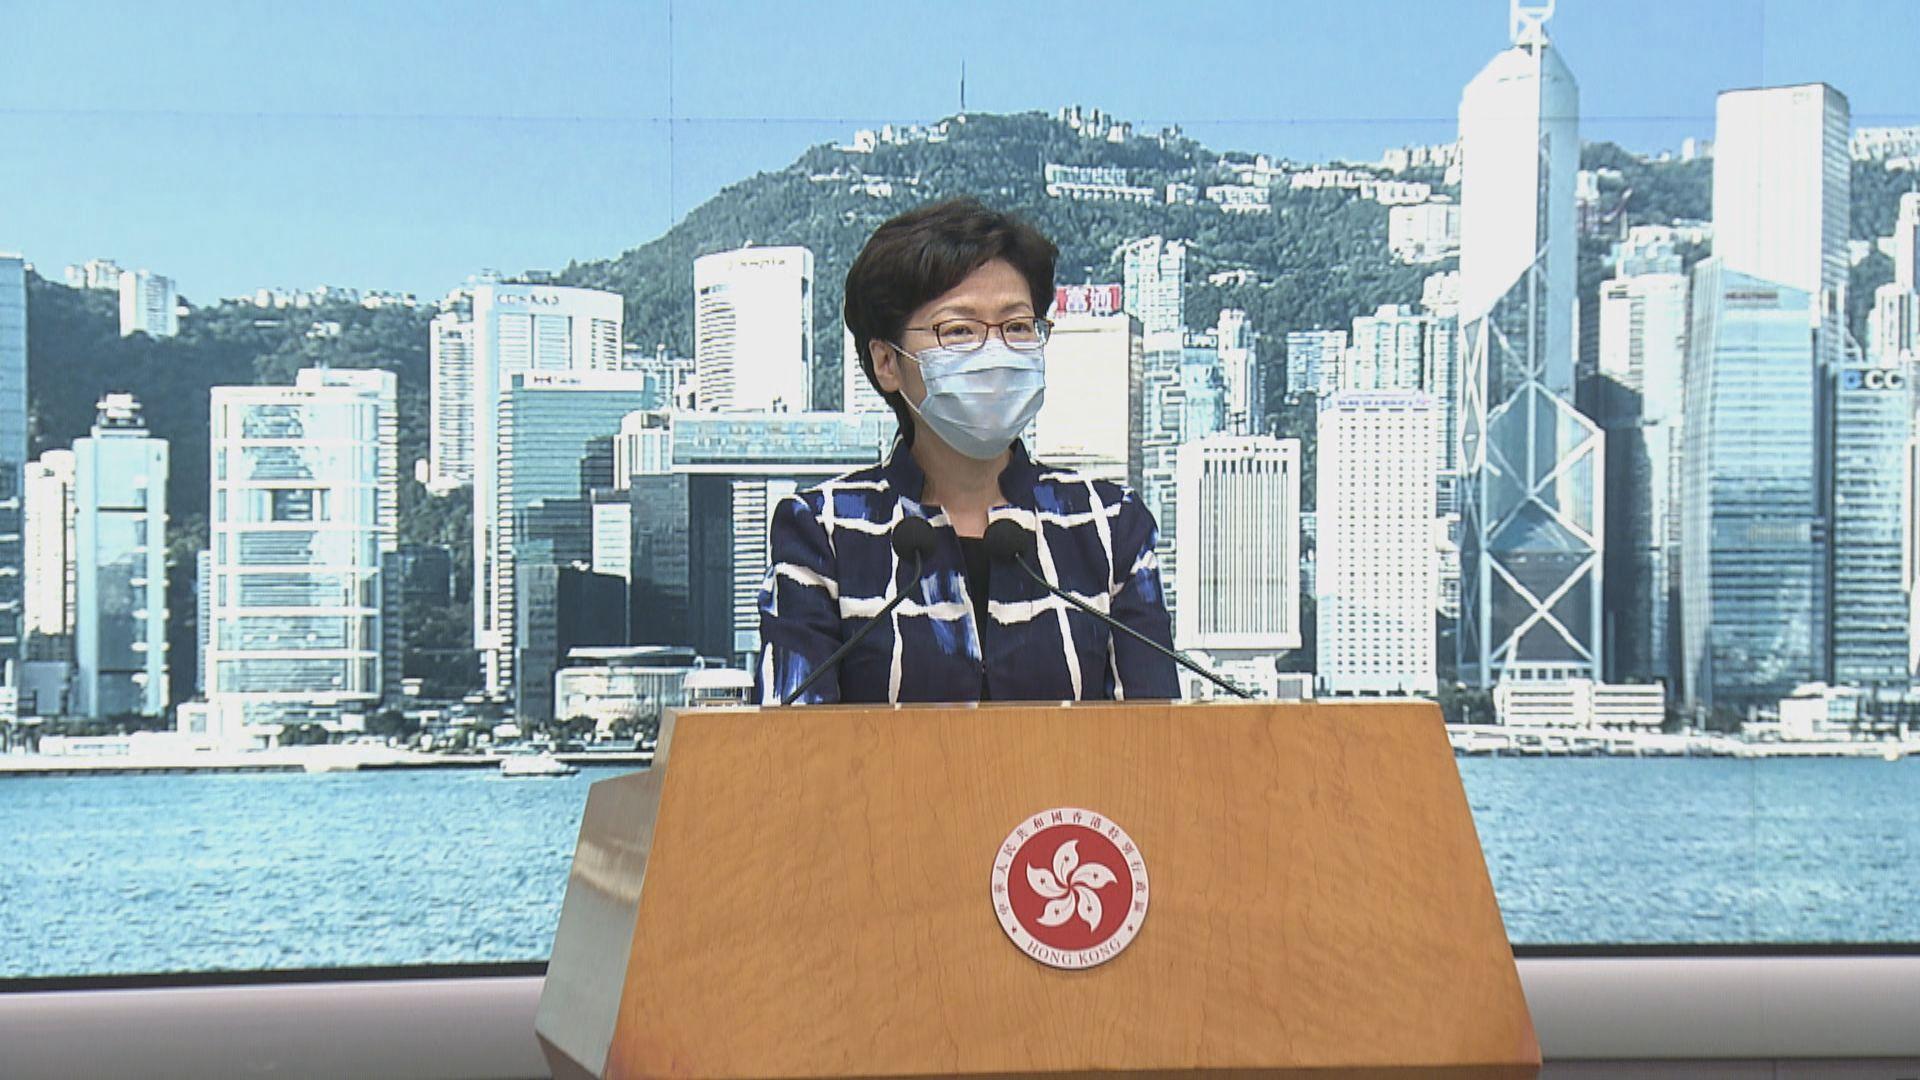 林鄭:公共財政嚴峻 施政報告不會有大額開支措施